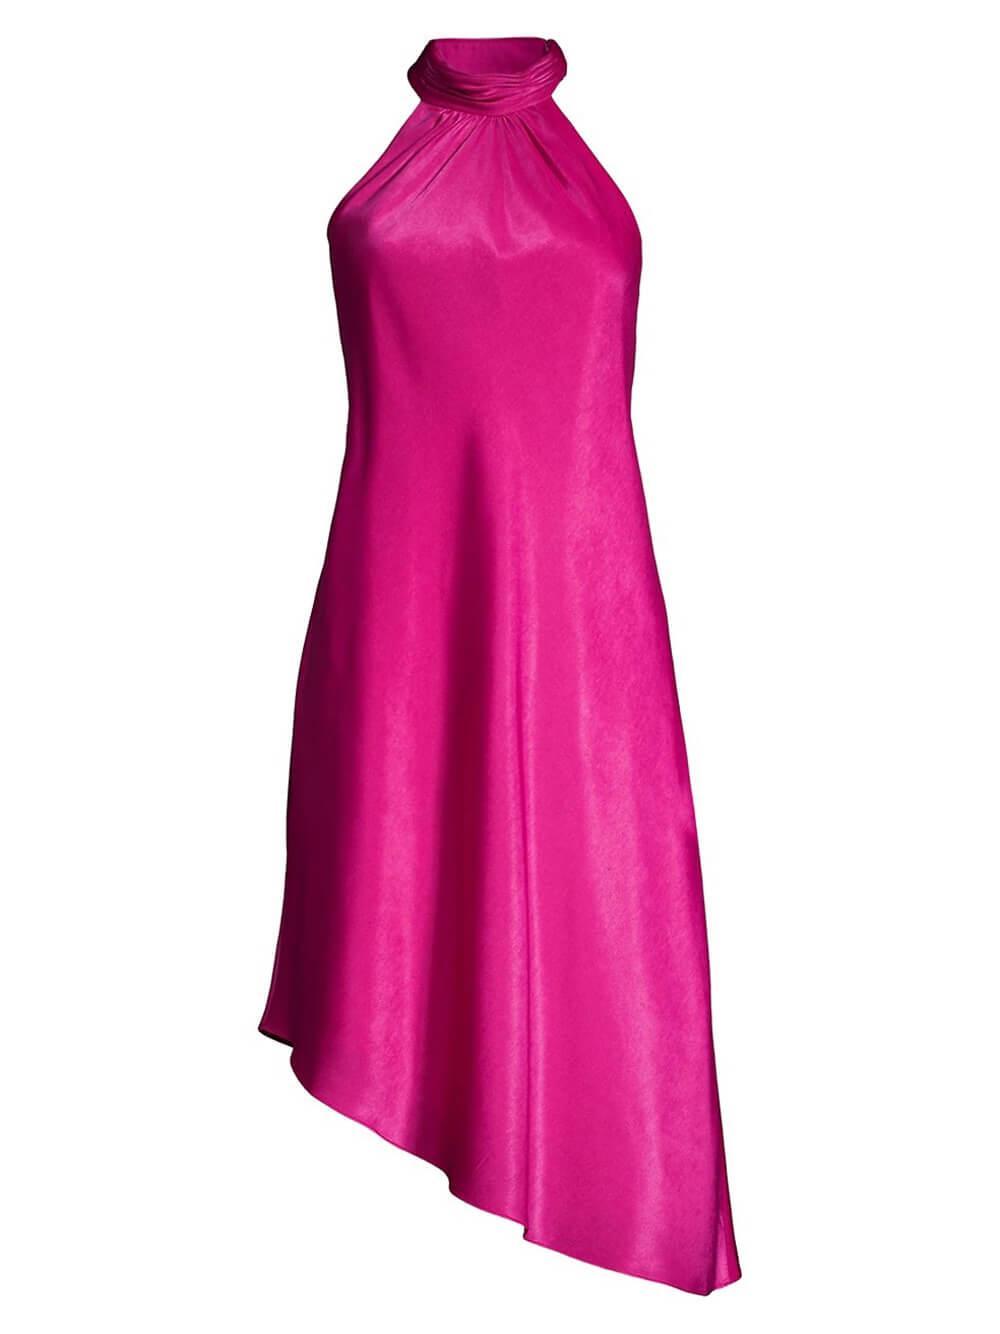 Halter Swing Dress Item # MN1E206203